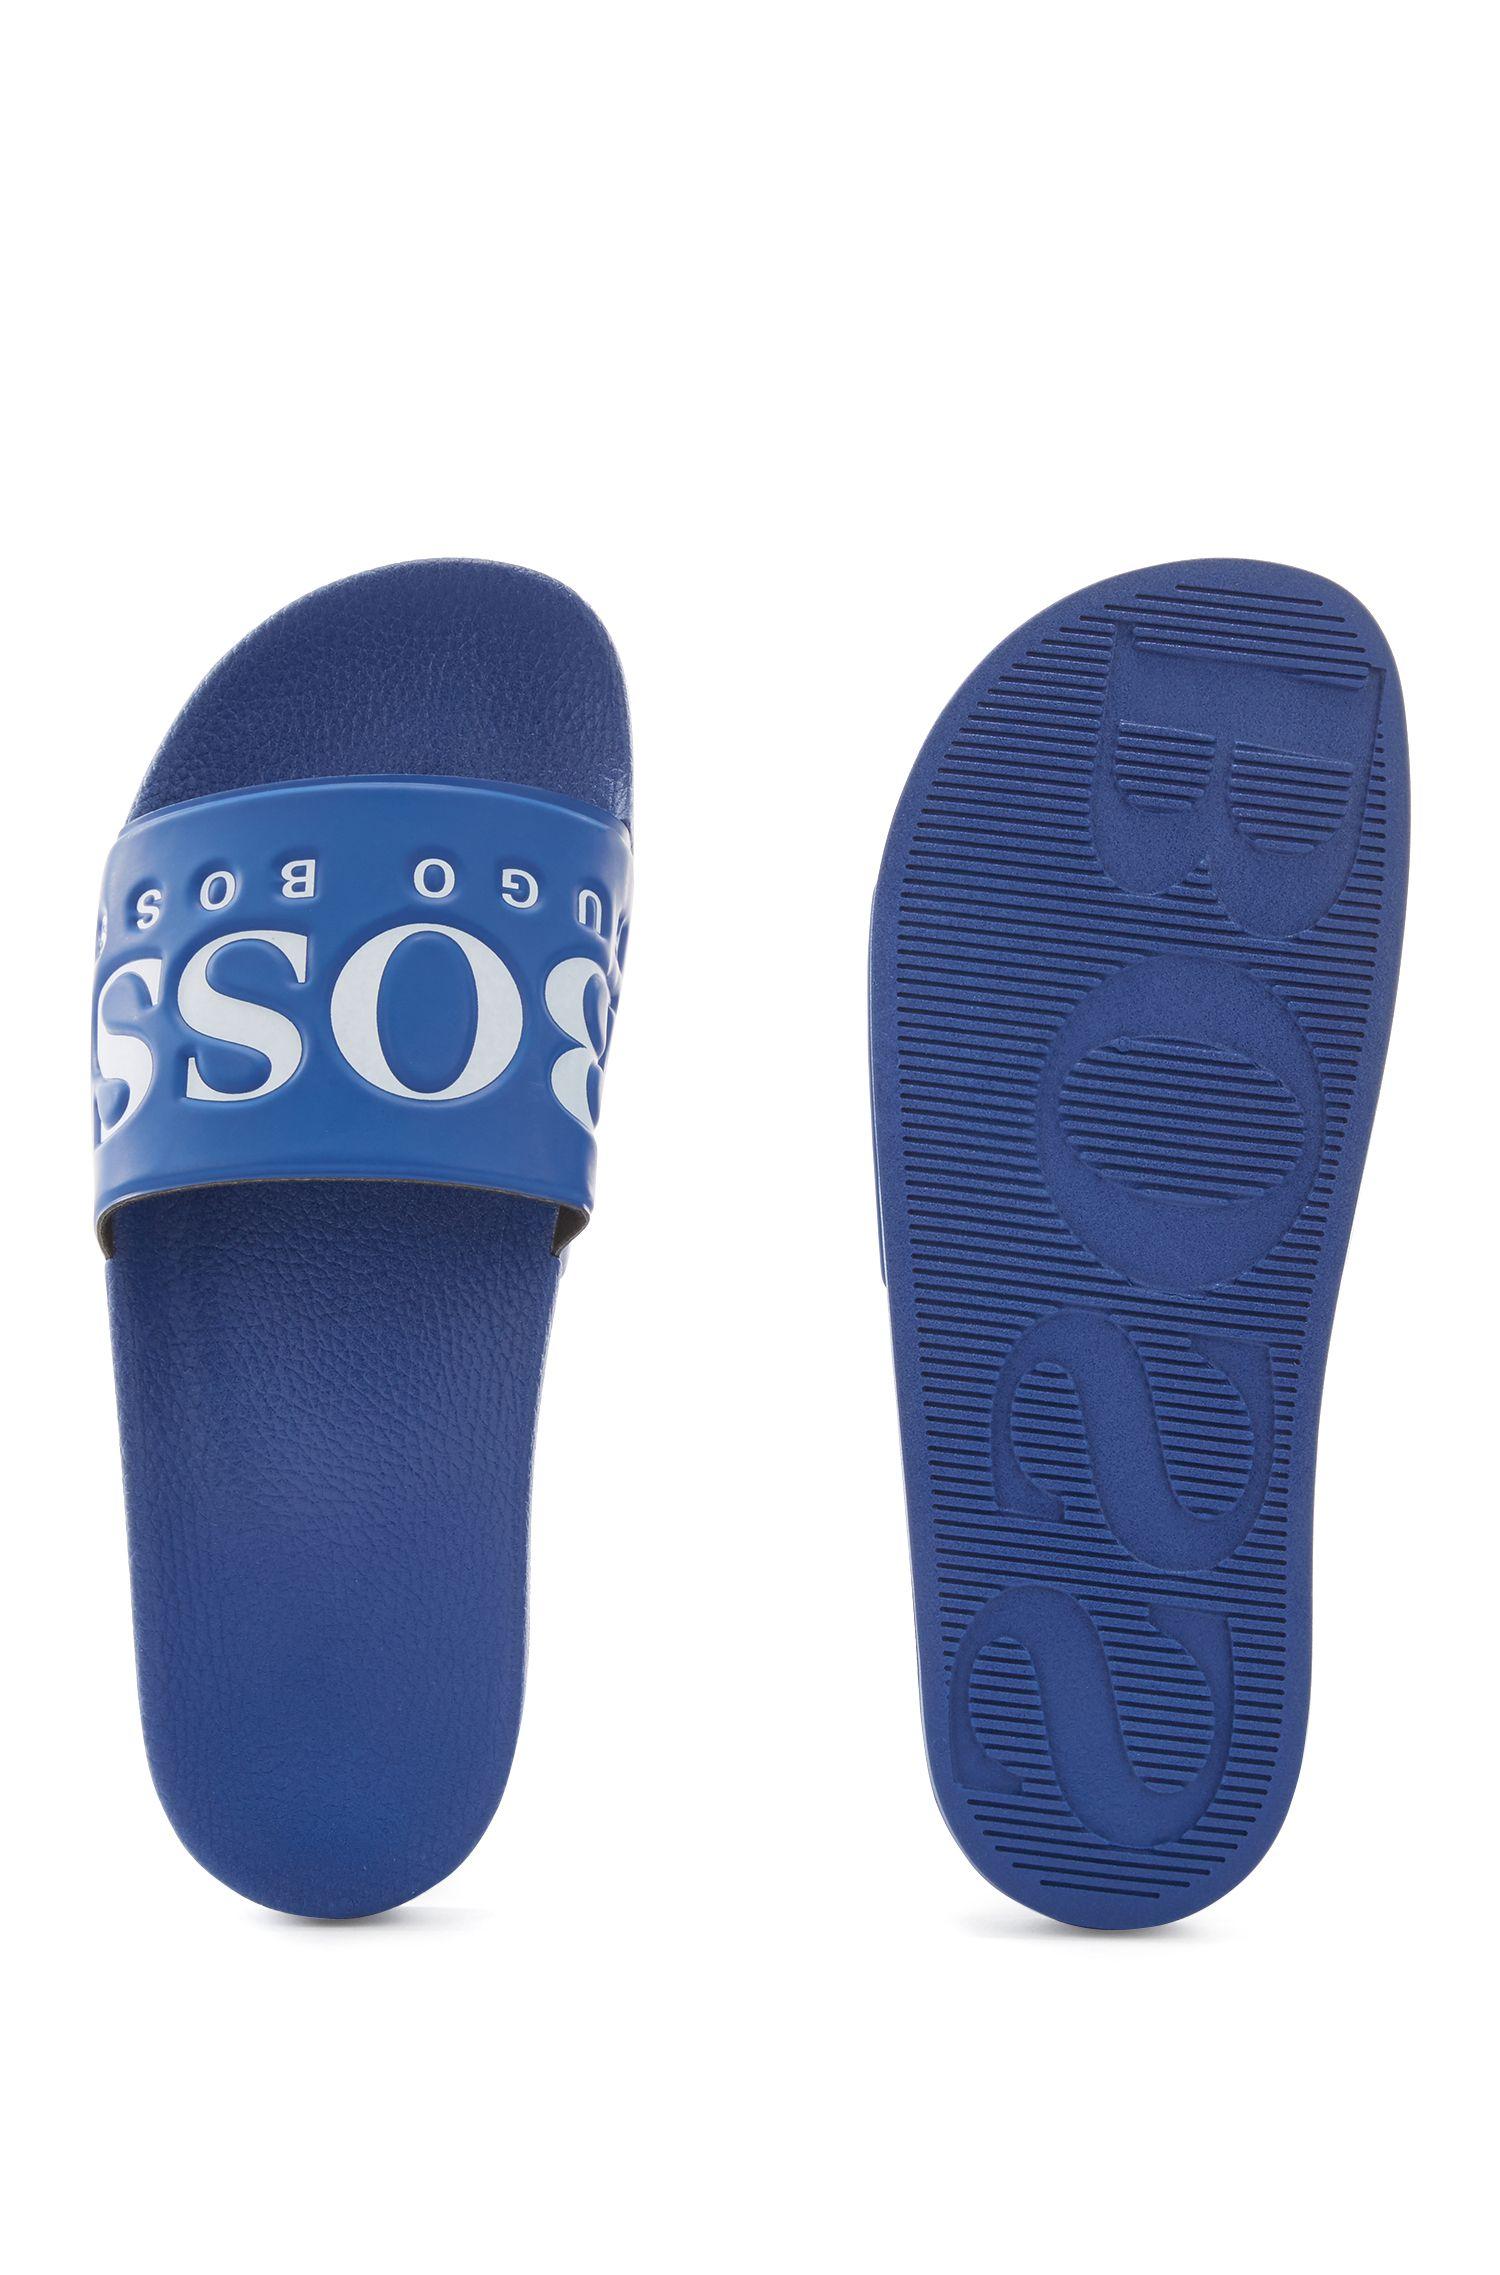 Sandali bassi in gomma realizzati in Italia con logo a contrasto, Blu